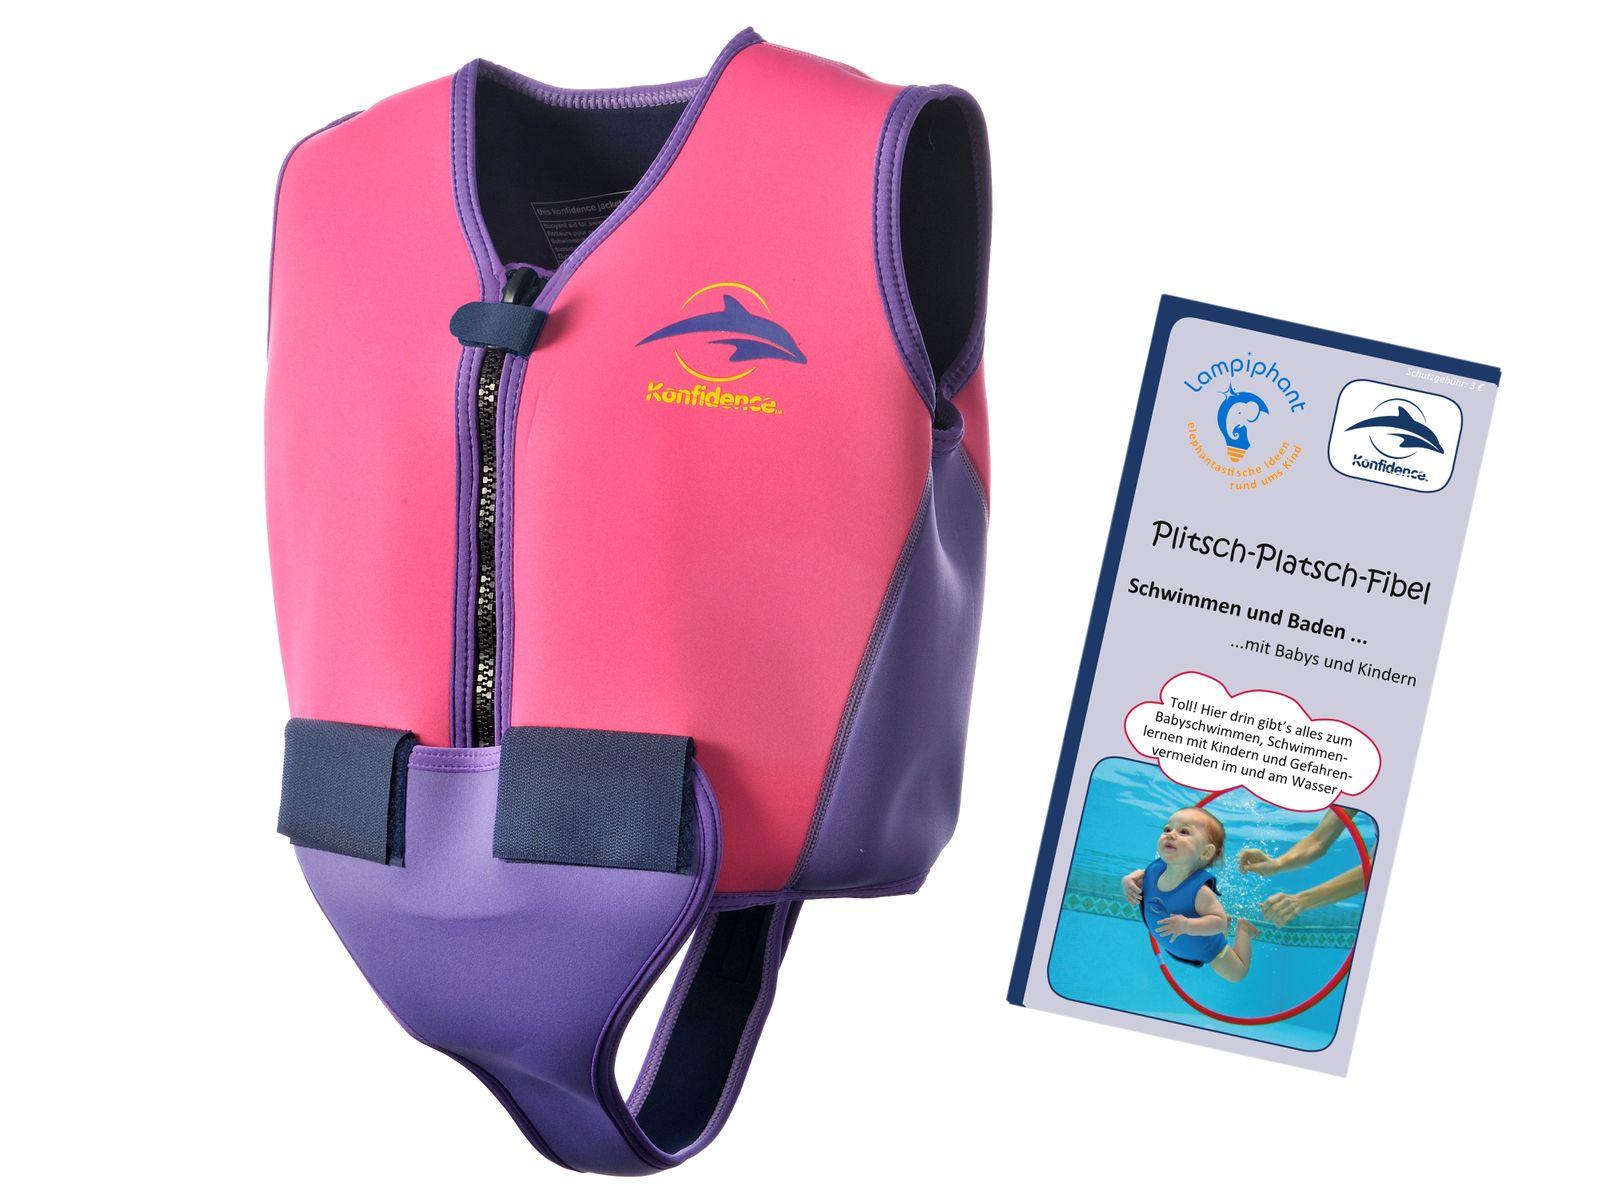 Konfidence Jugendschwimmweste, Schwimmhilfe mit umfangreichem Schwimmratgeber – Bild 2